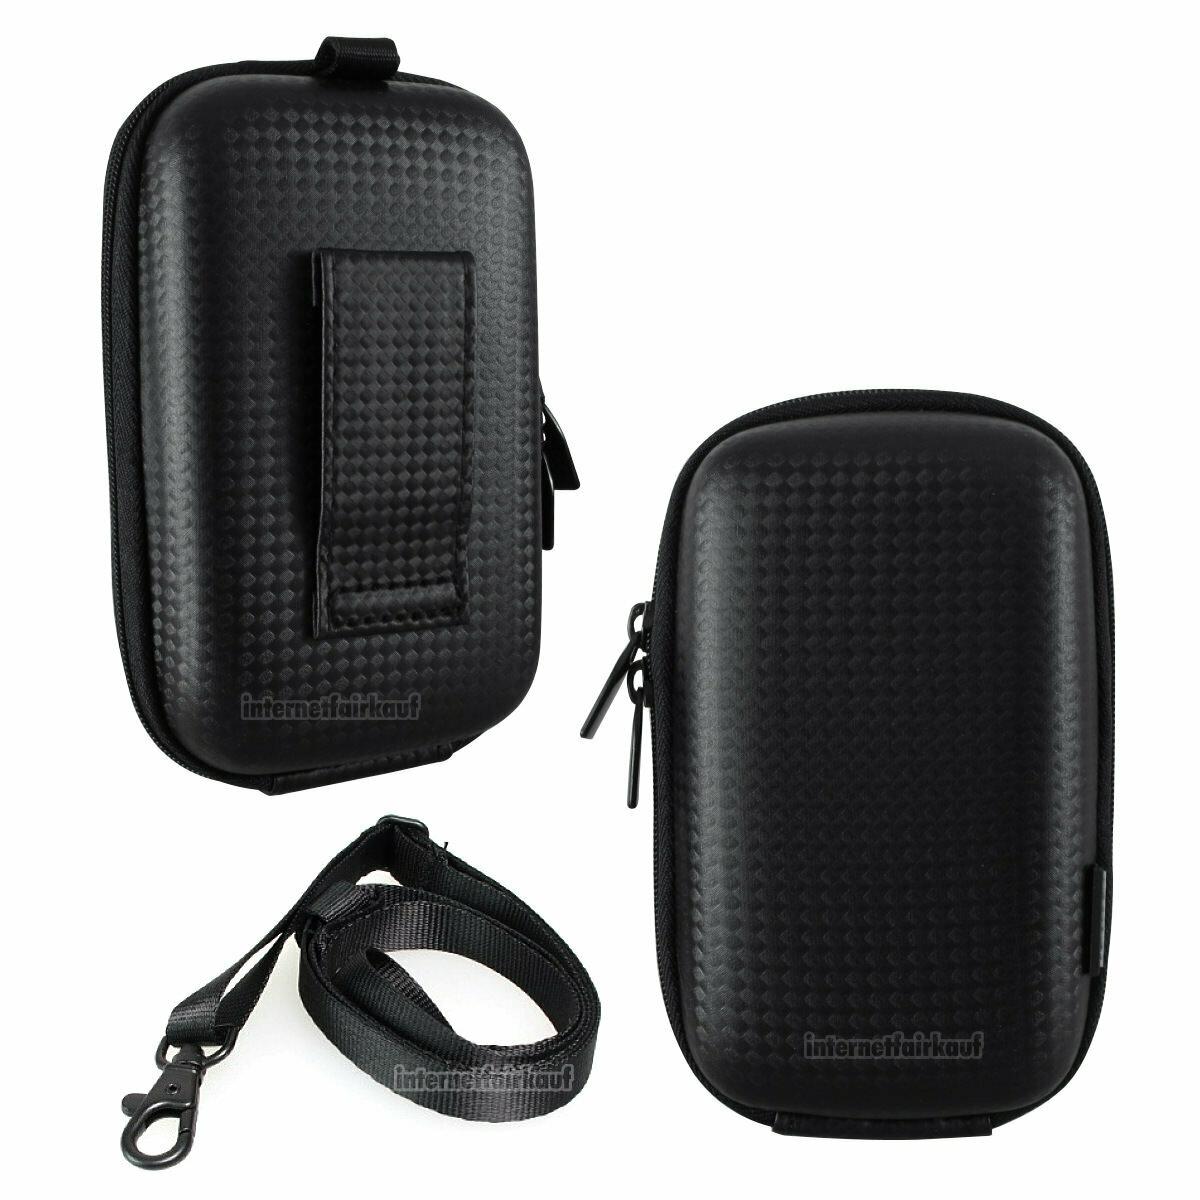 Hama Hardcase Fototasche passend für Nikon Coolpix S9600 S9700